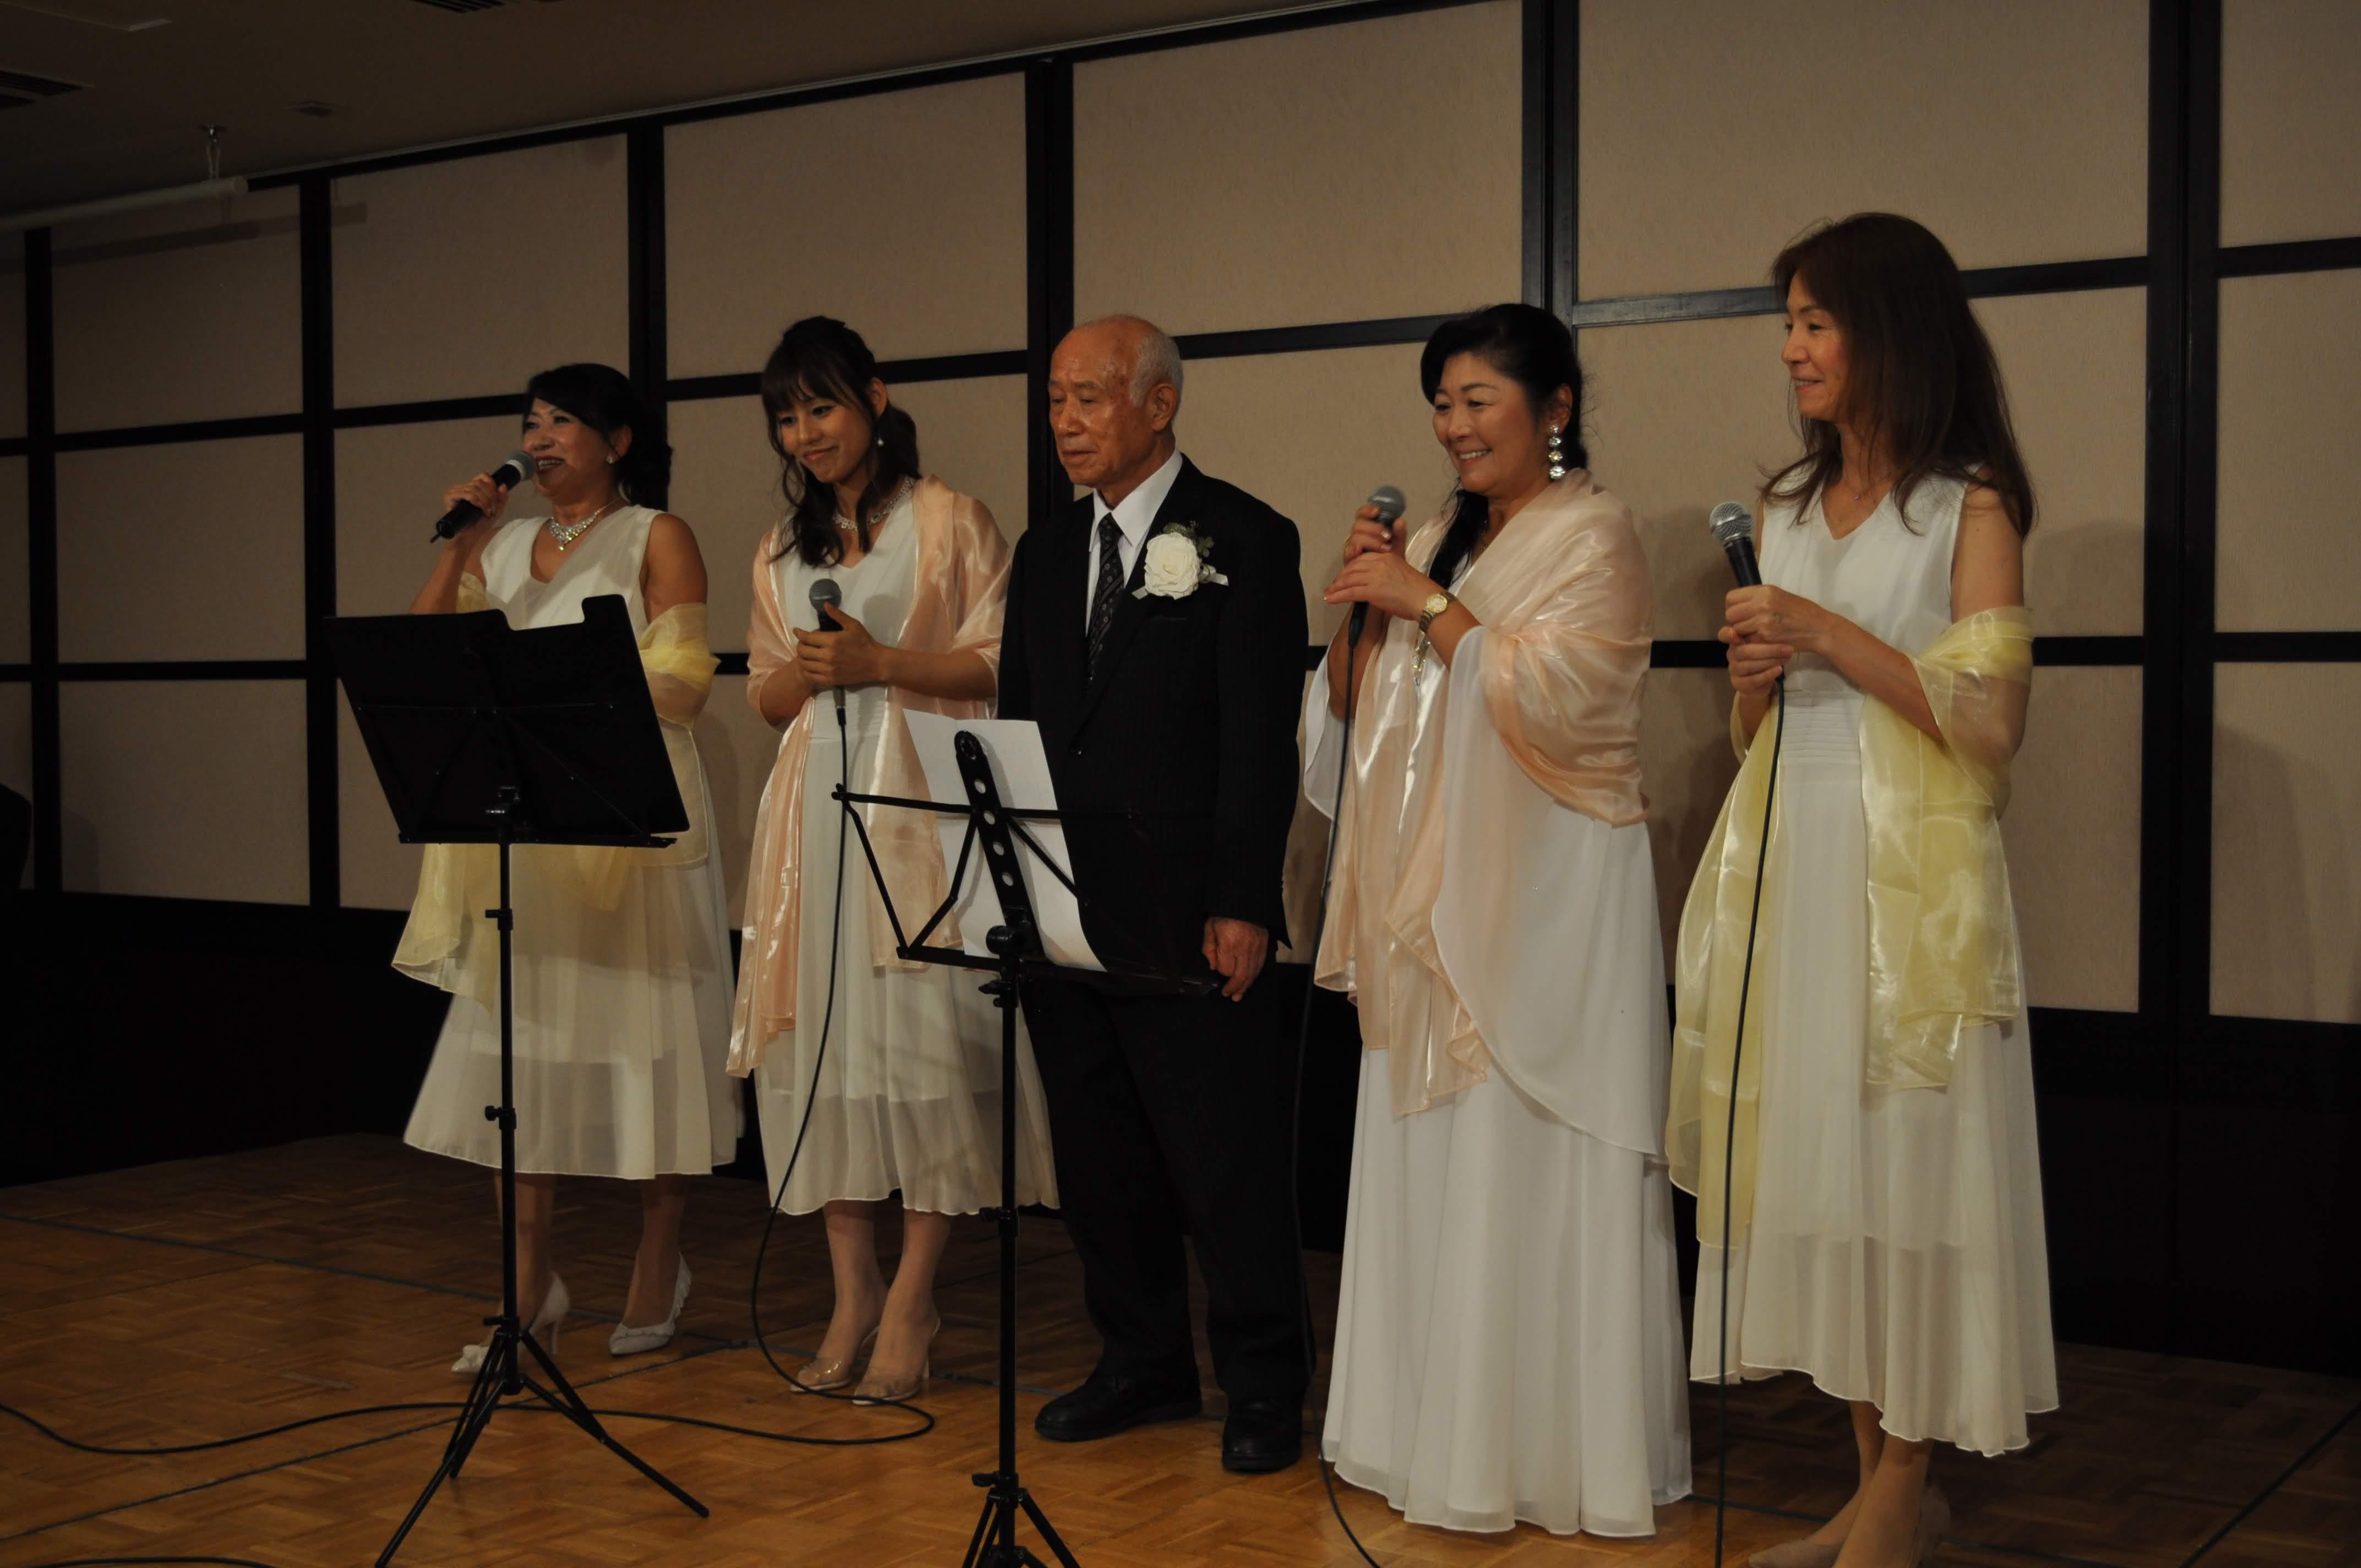 DSC 0515 1 - 思風会全国大会in広島